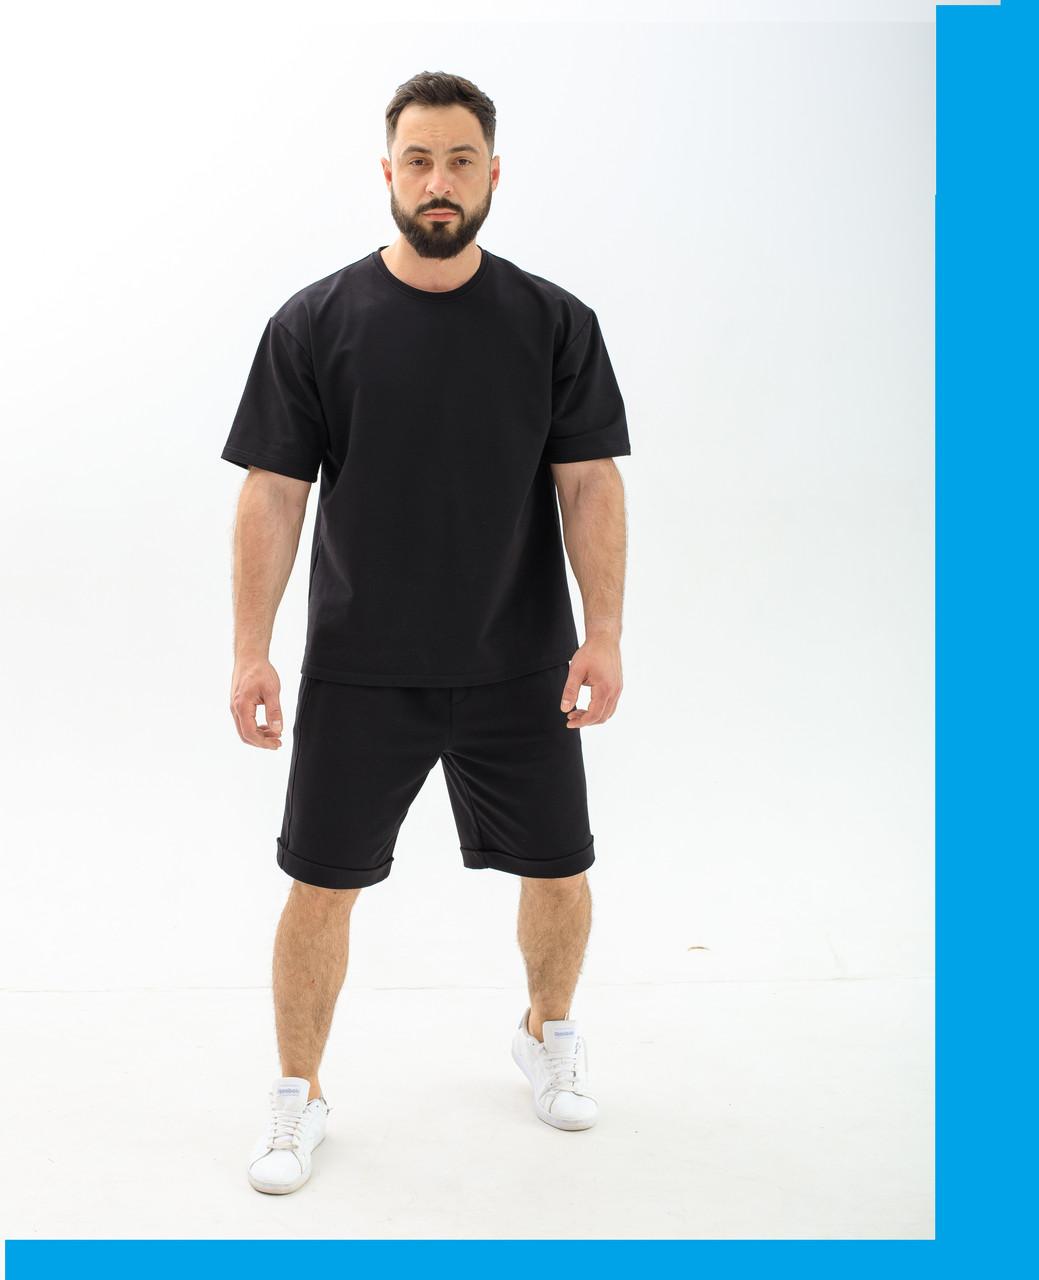 Летний мужской костюм футболка и шорты / Молодежный спортивный комплект Футболка+шорты